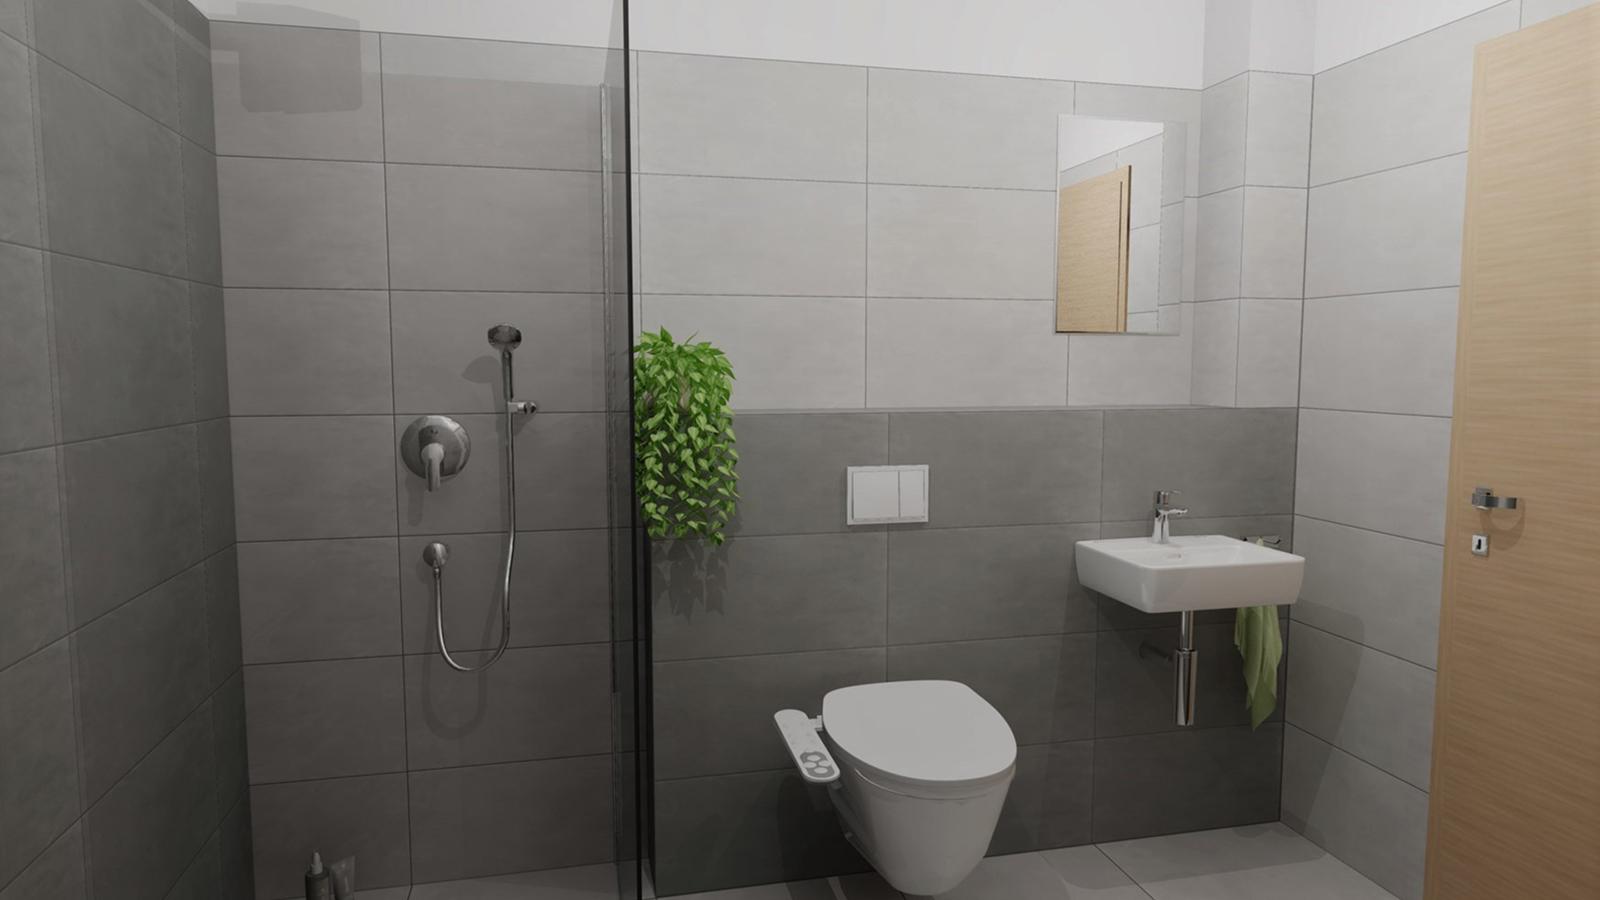 VIZ_Nova Chyne_vzorove vizu_koupelna 103_ver4_3